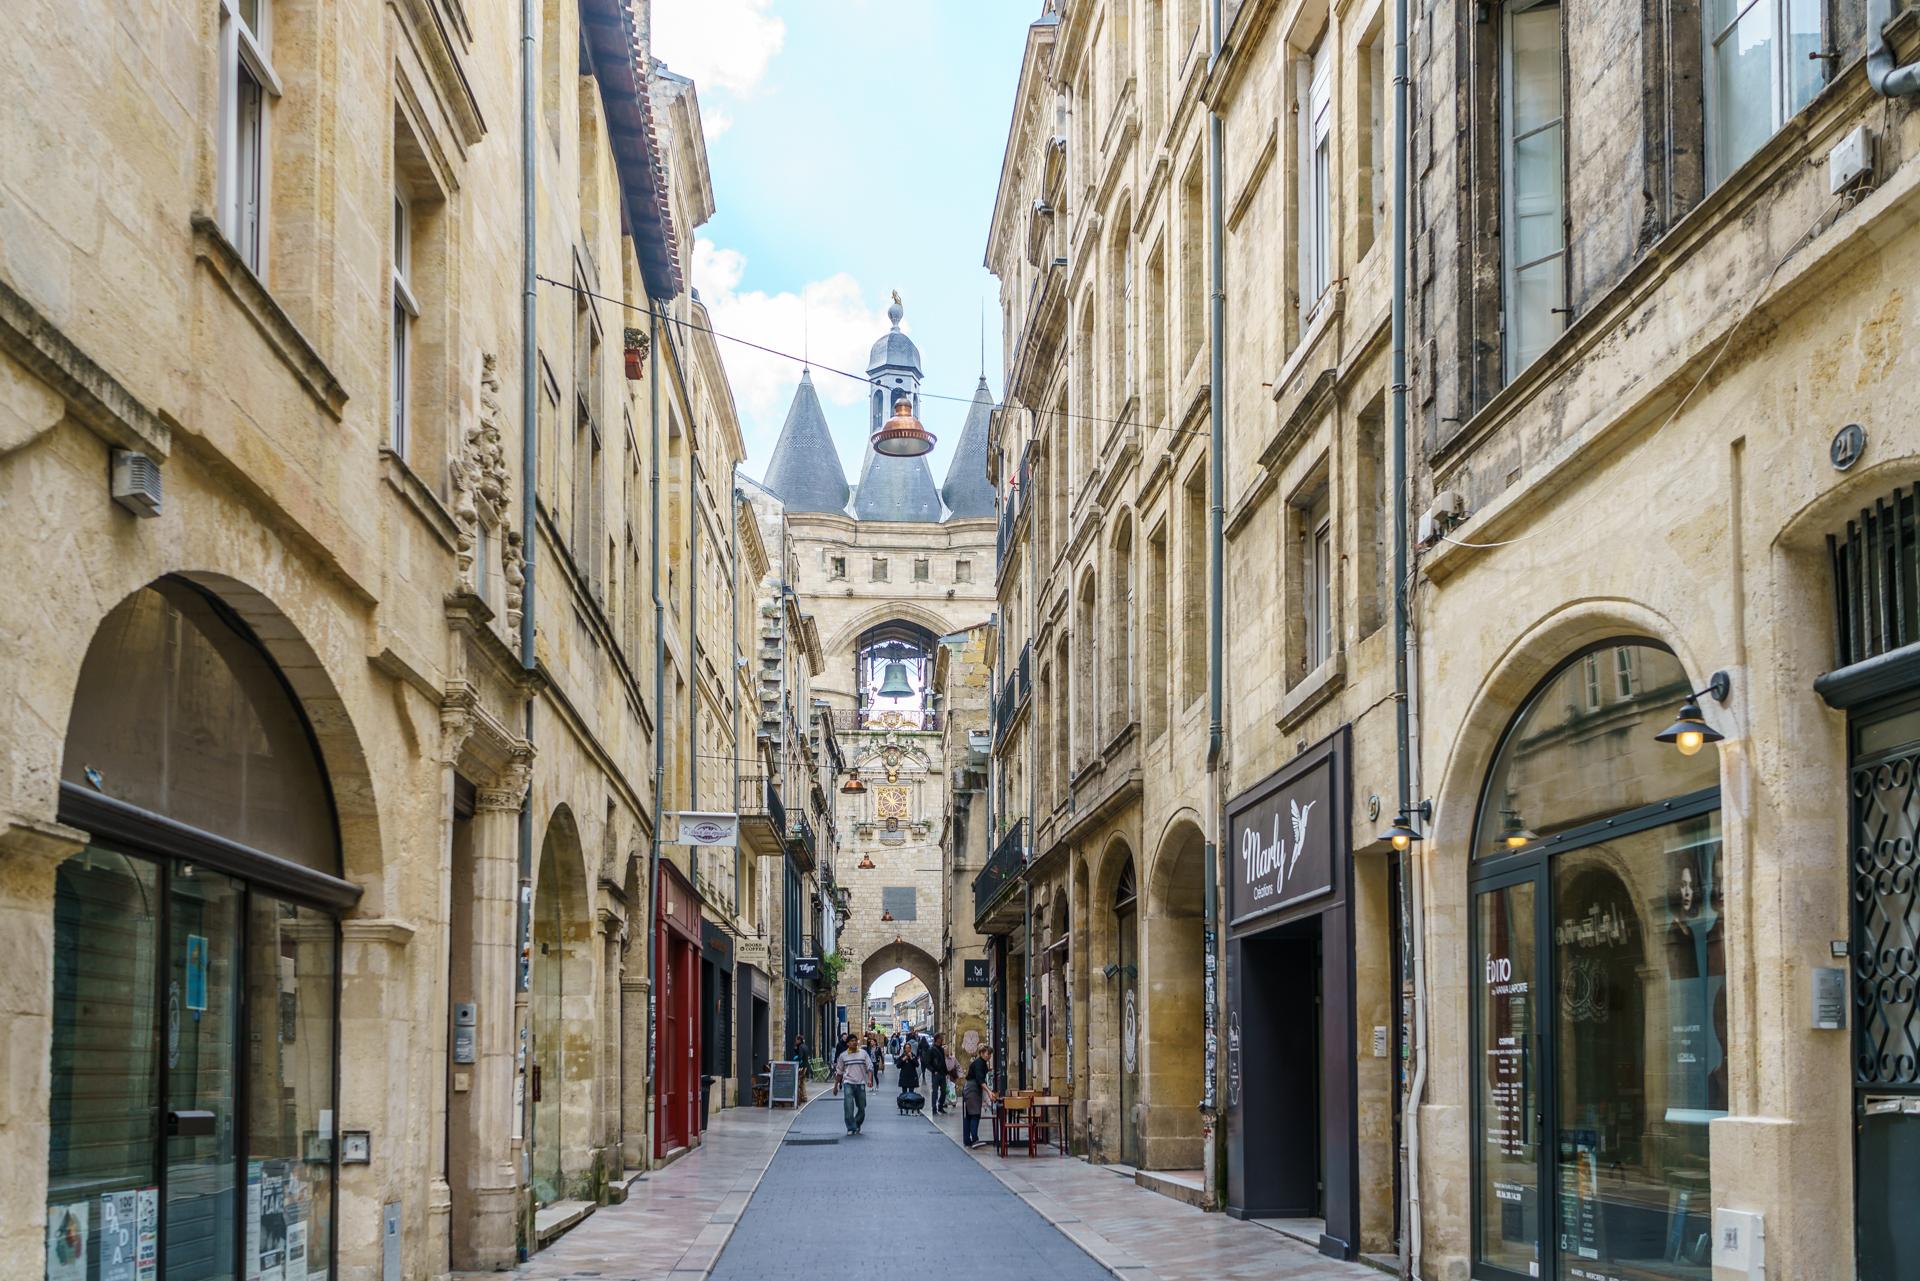 St-Michel-Quartier-Bordeaux